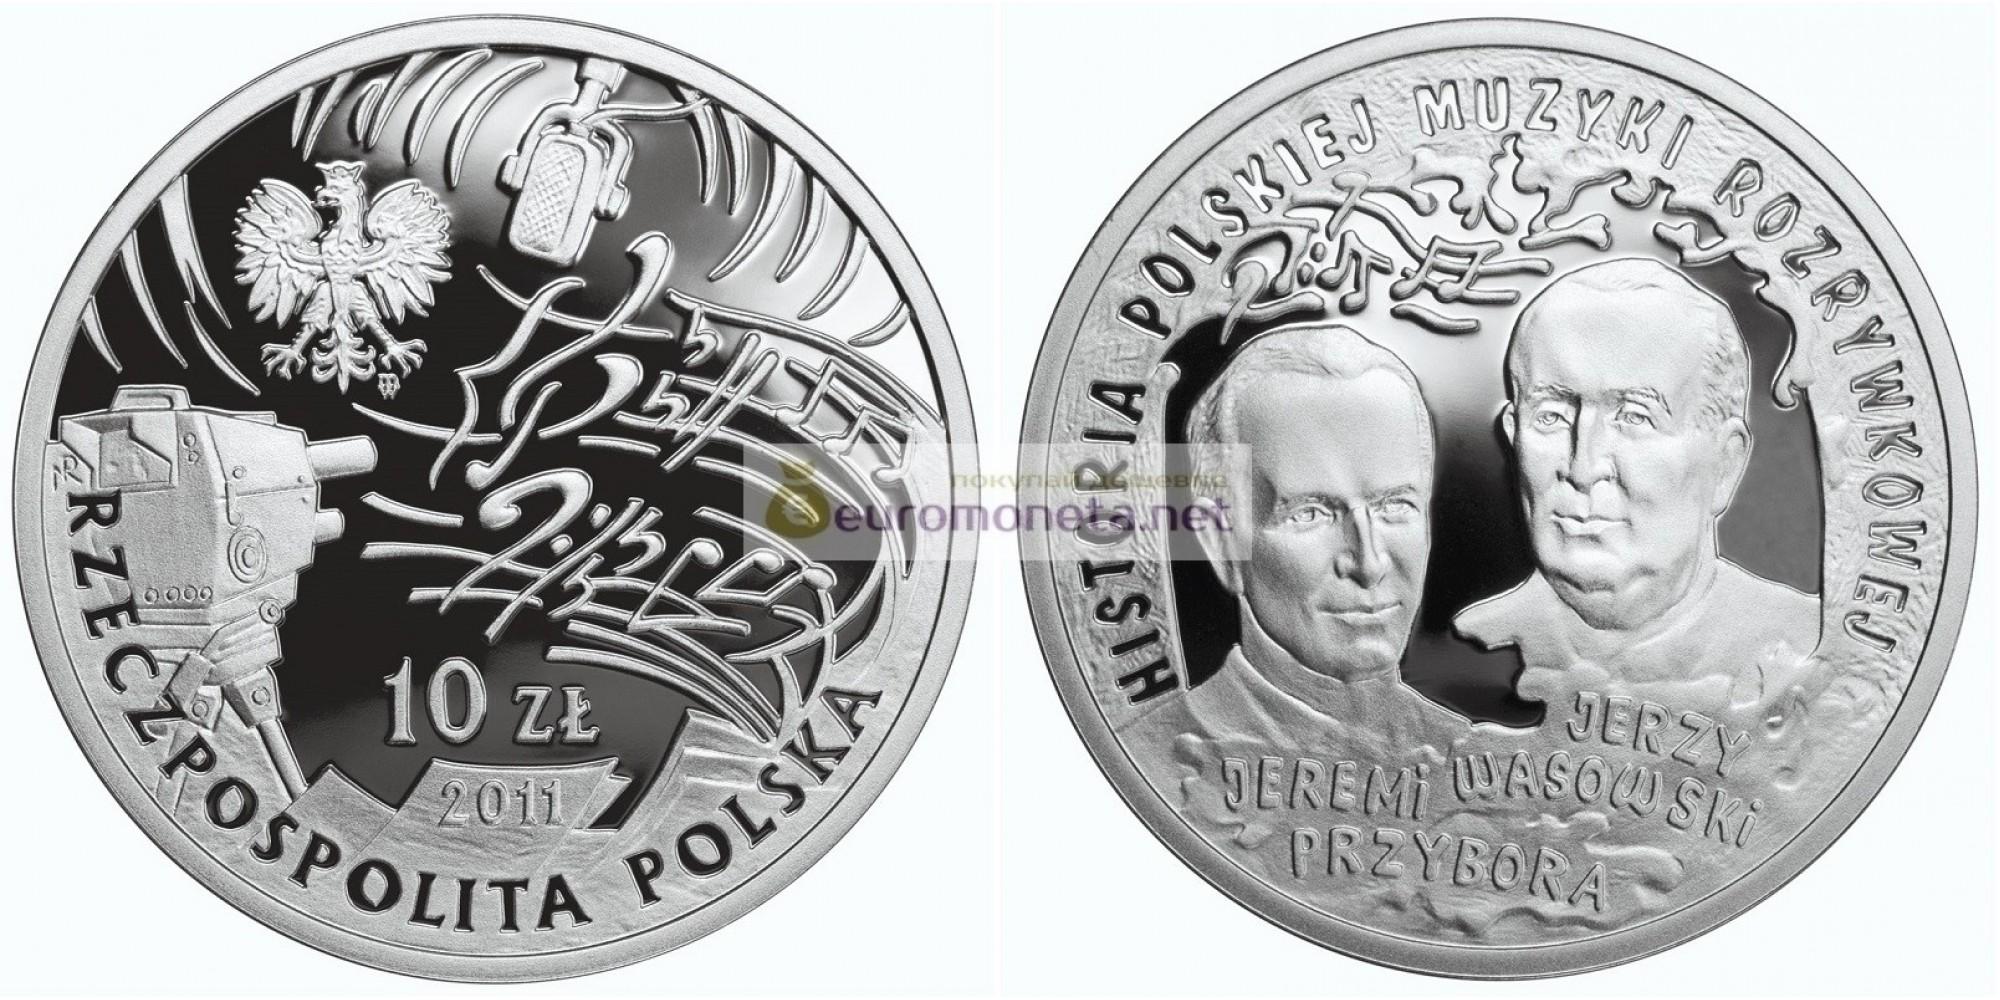 Польша 10 злотых 2011 год История польской популярной музыки - Джереми Пжибора, Ежи Васовски серебро пруф